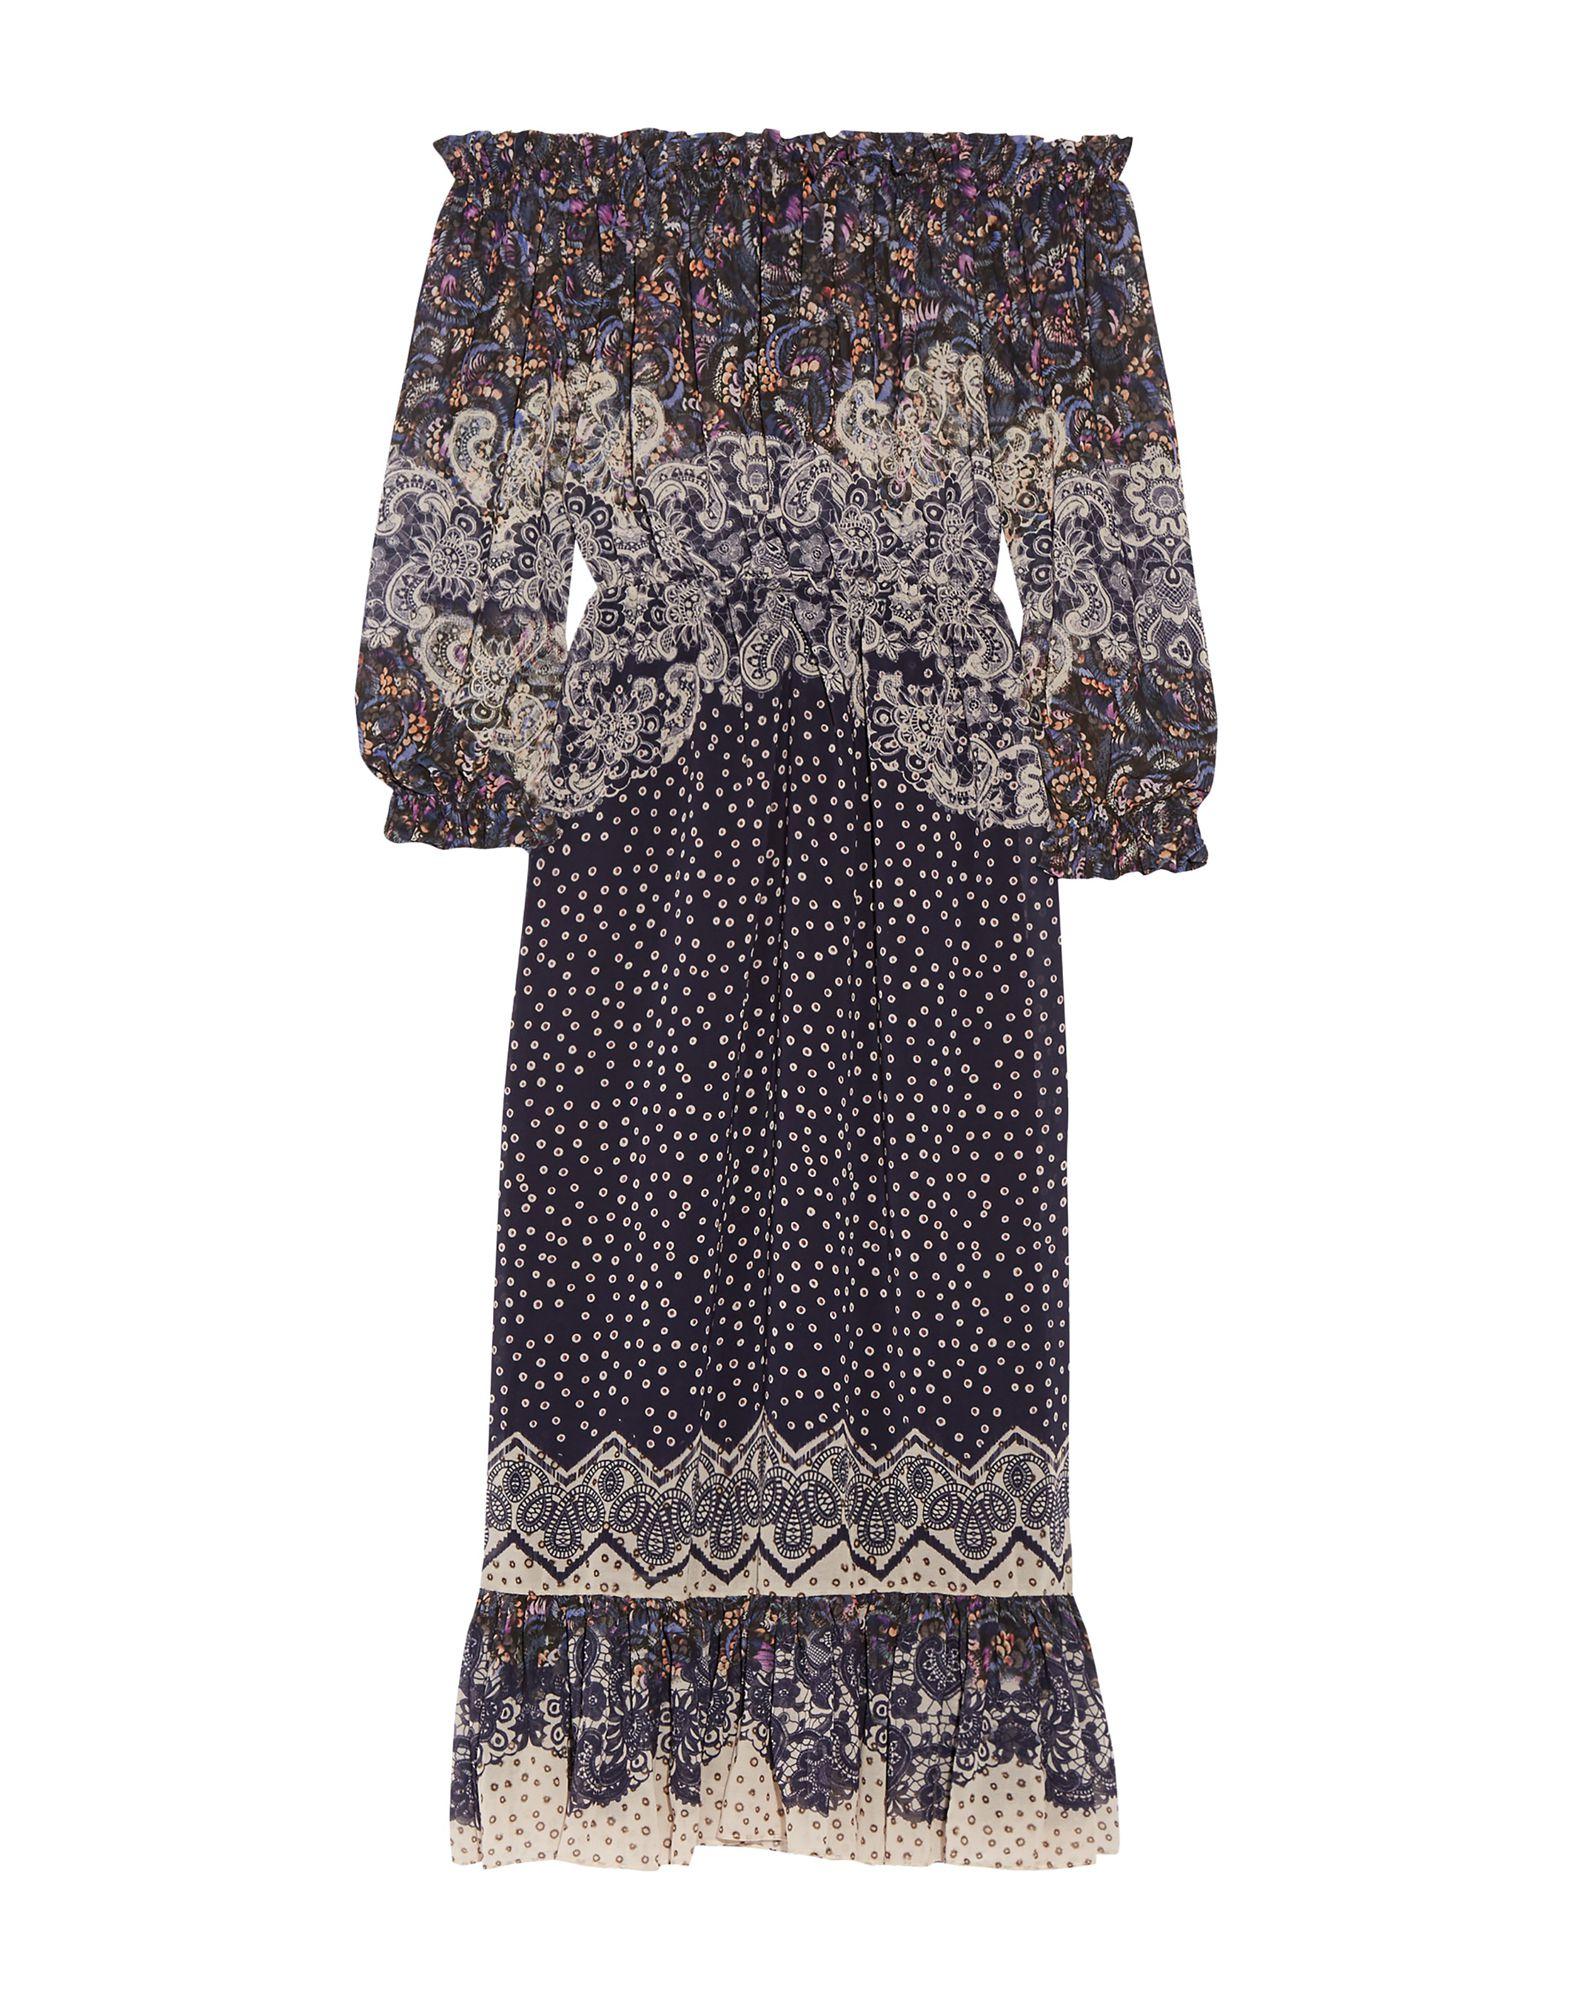 Фото - SALONI Платье длиной 3/4 платье комбинезон в горошек 1 мес 3 года